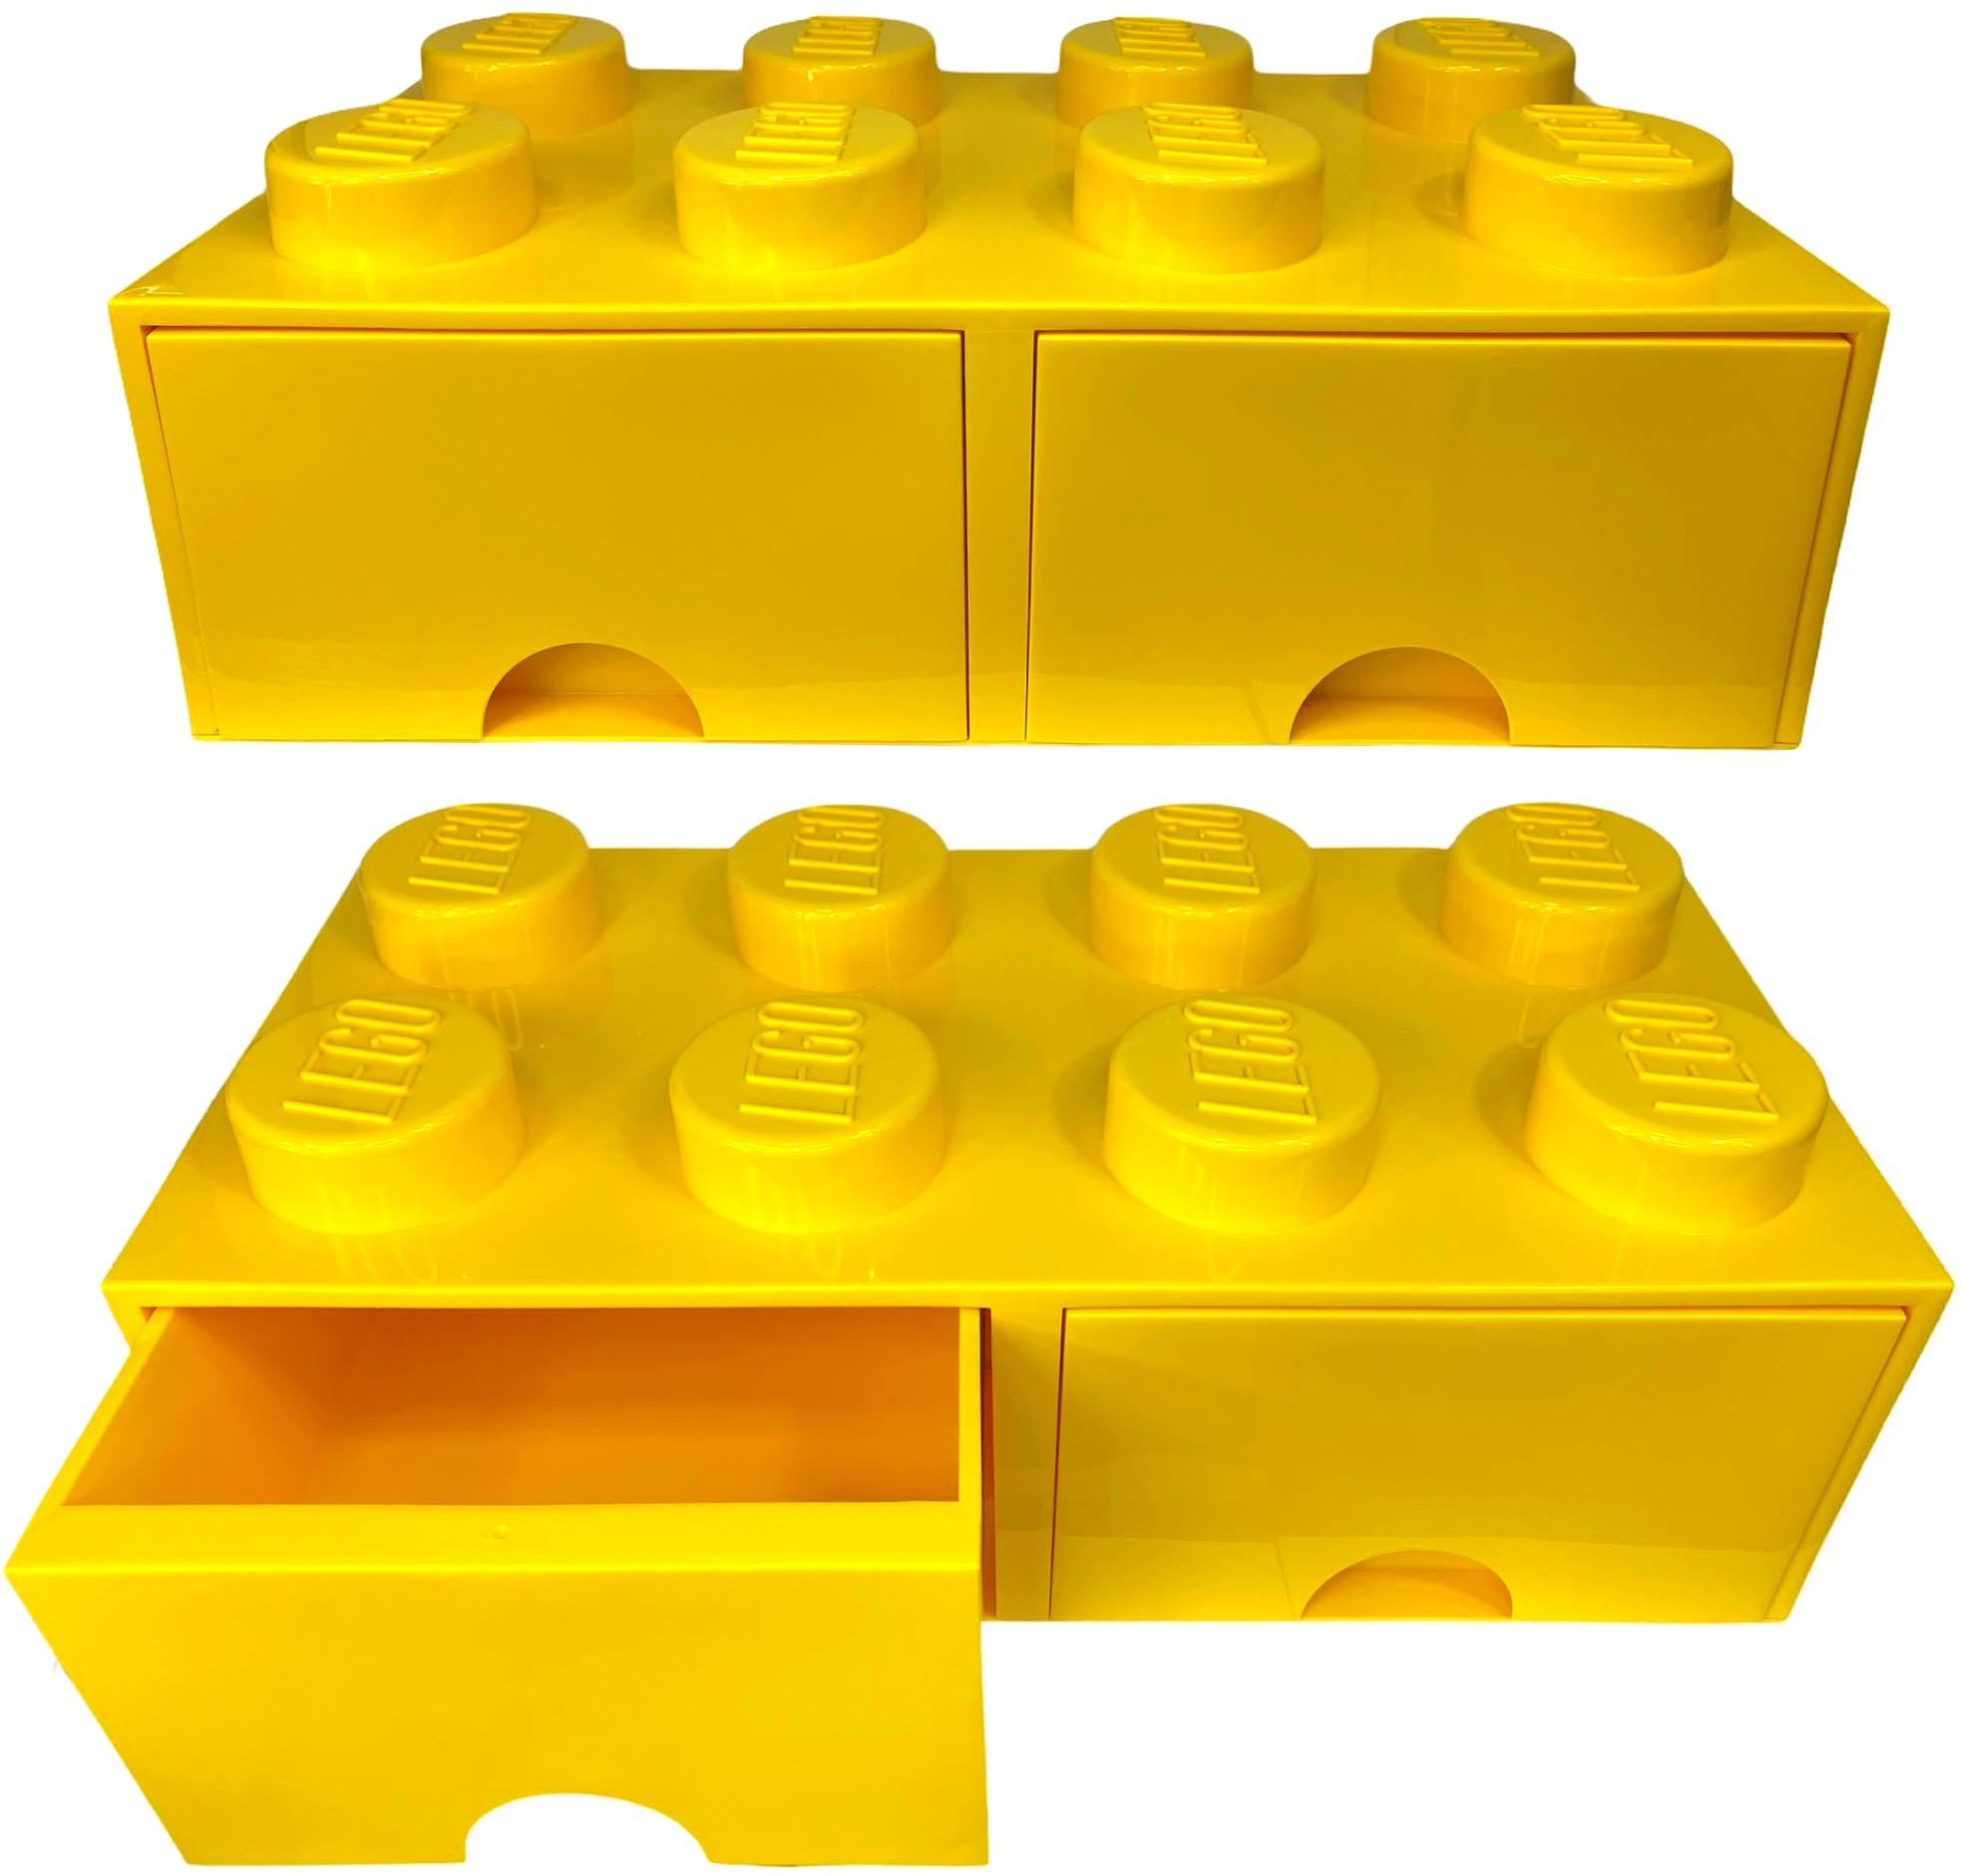 Pojemnik lego 8 szuflada żółty na prezent klocki